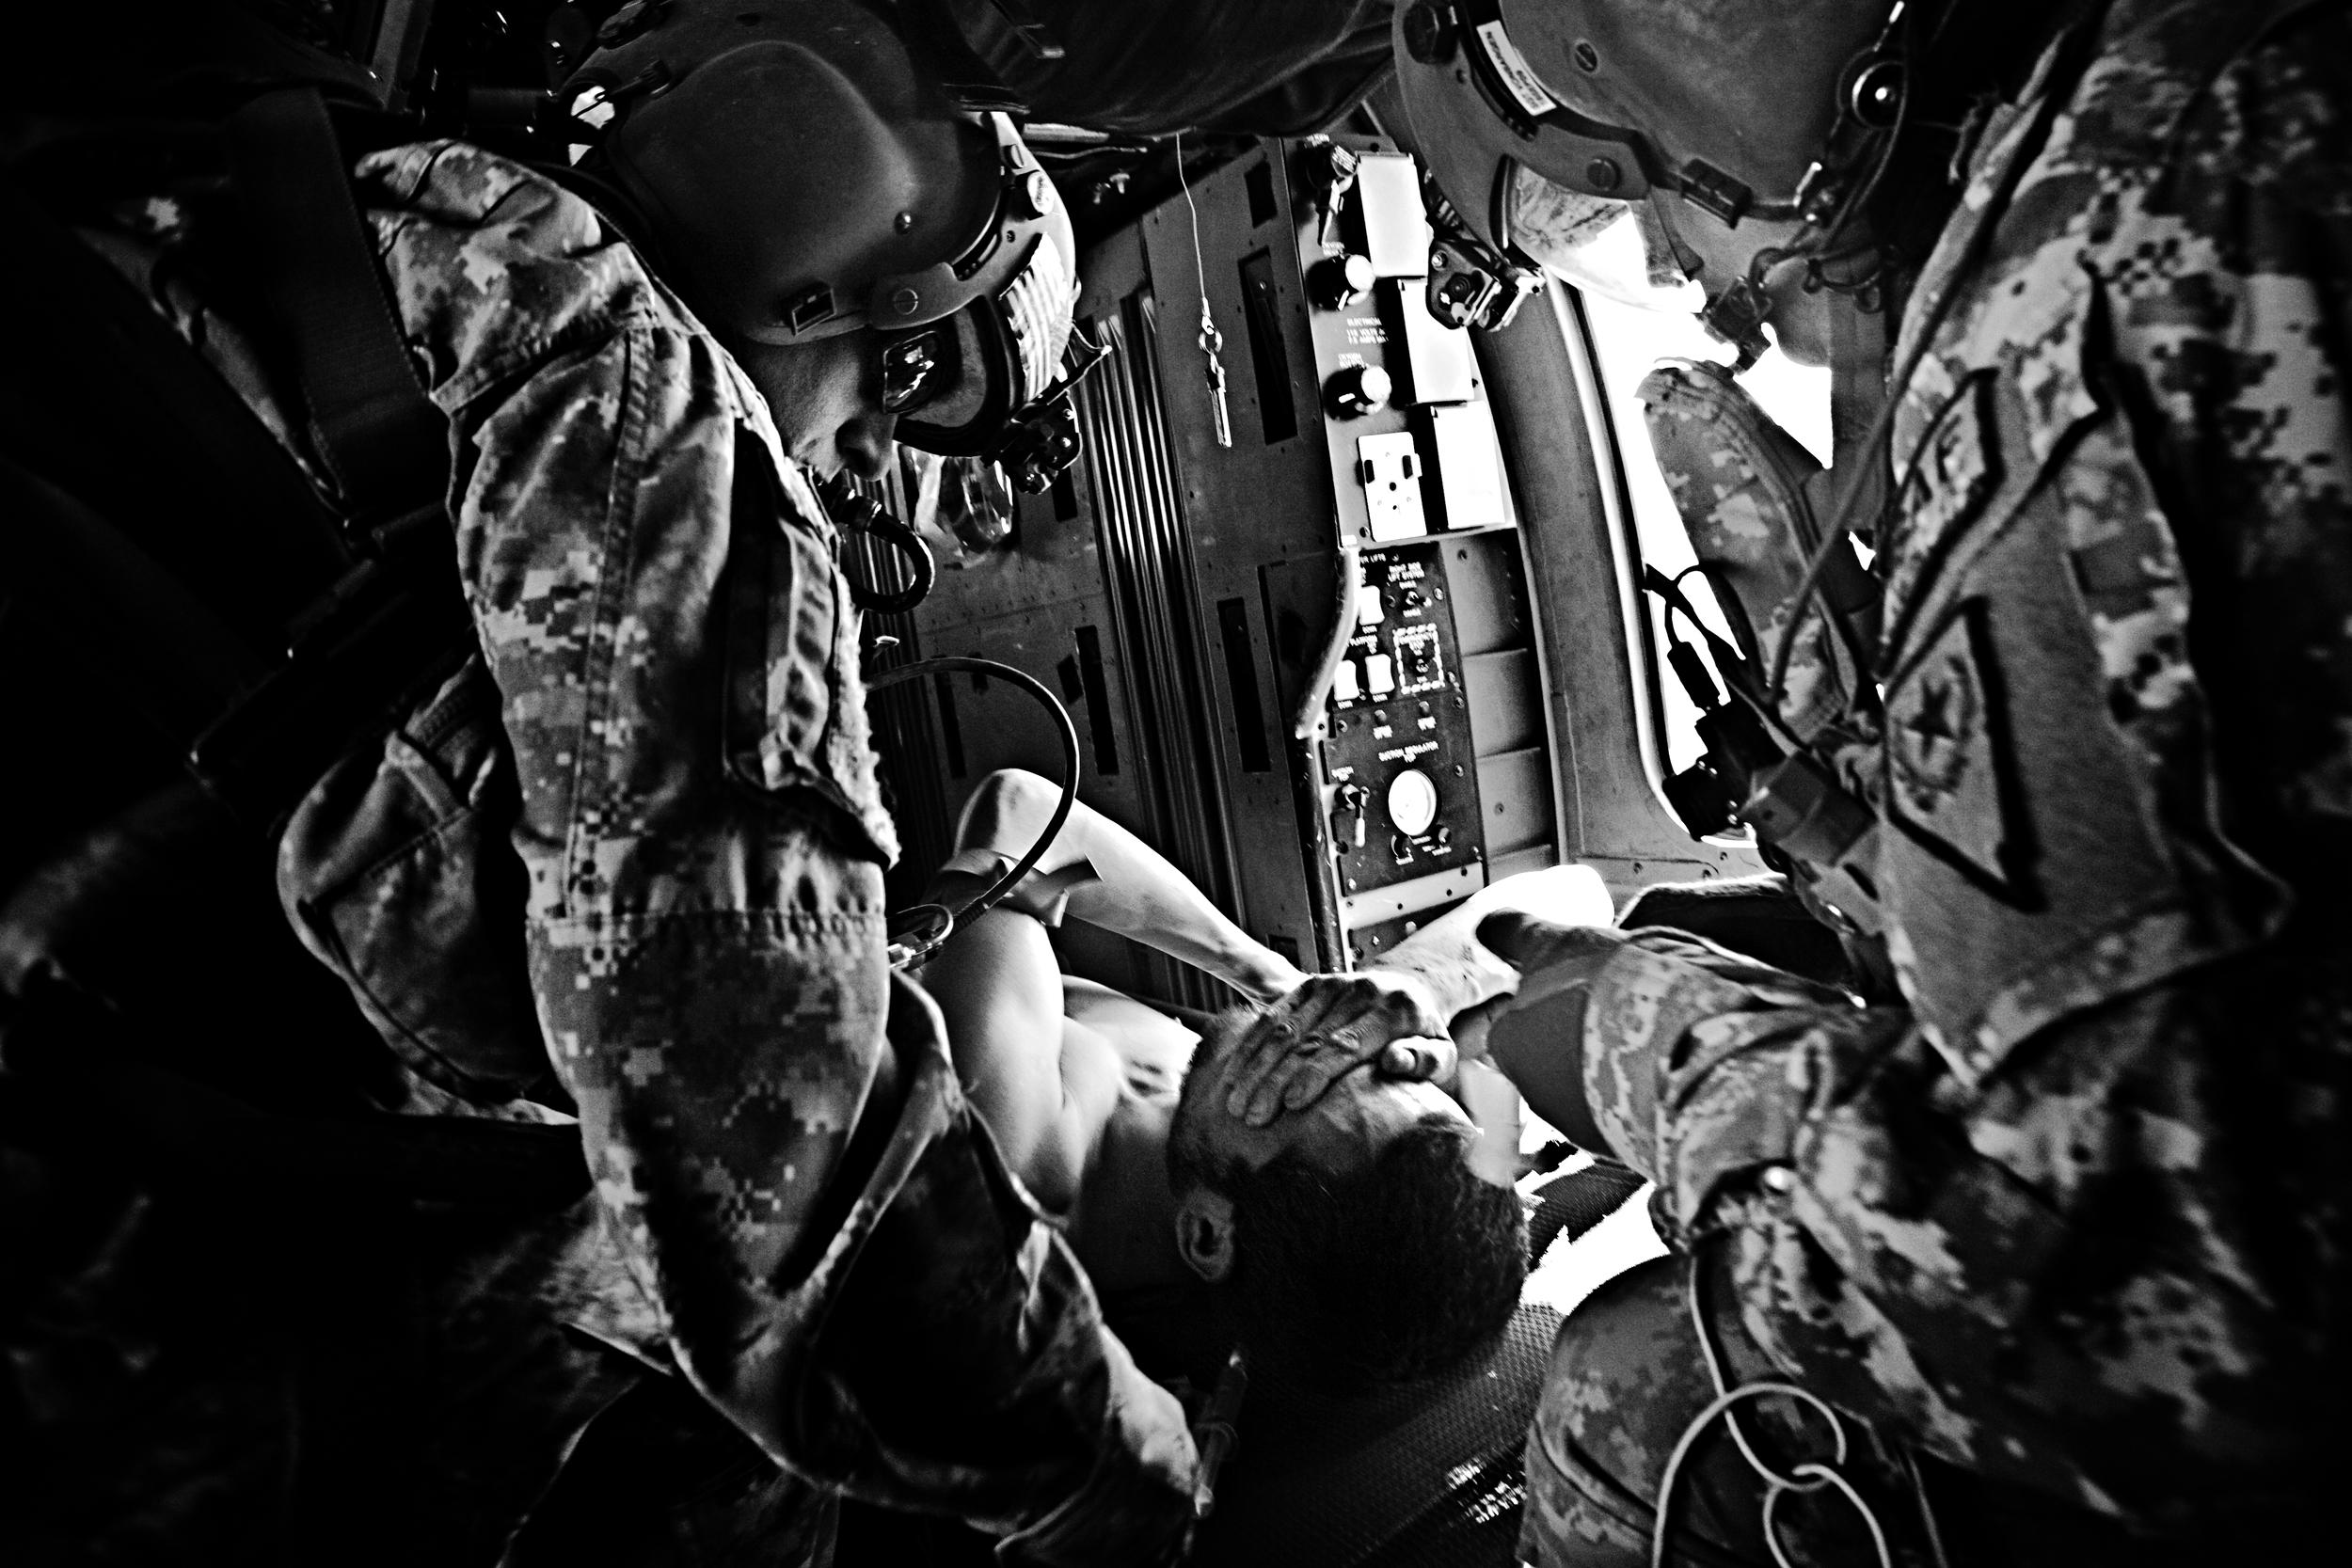 Afghanistan-ER-2009-Trieb-5.jpg